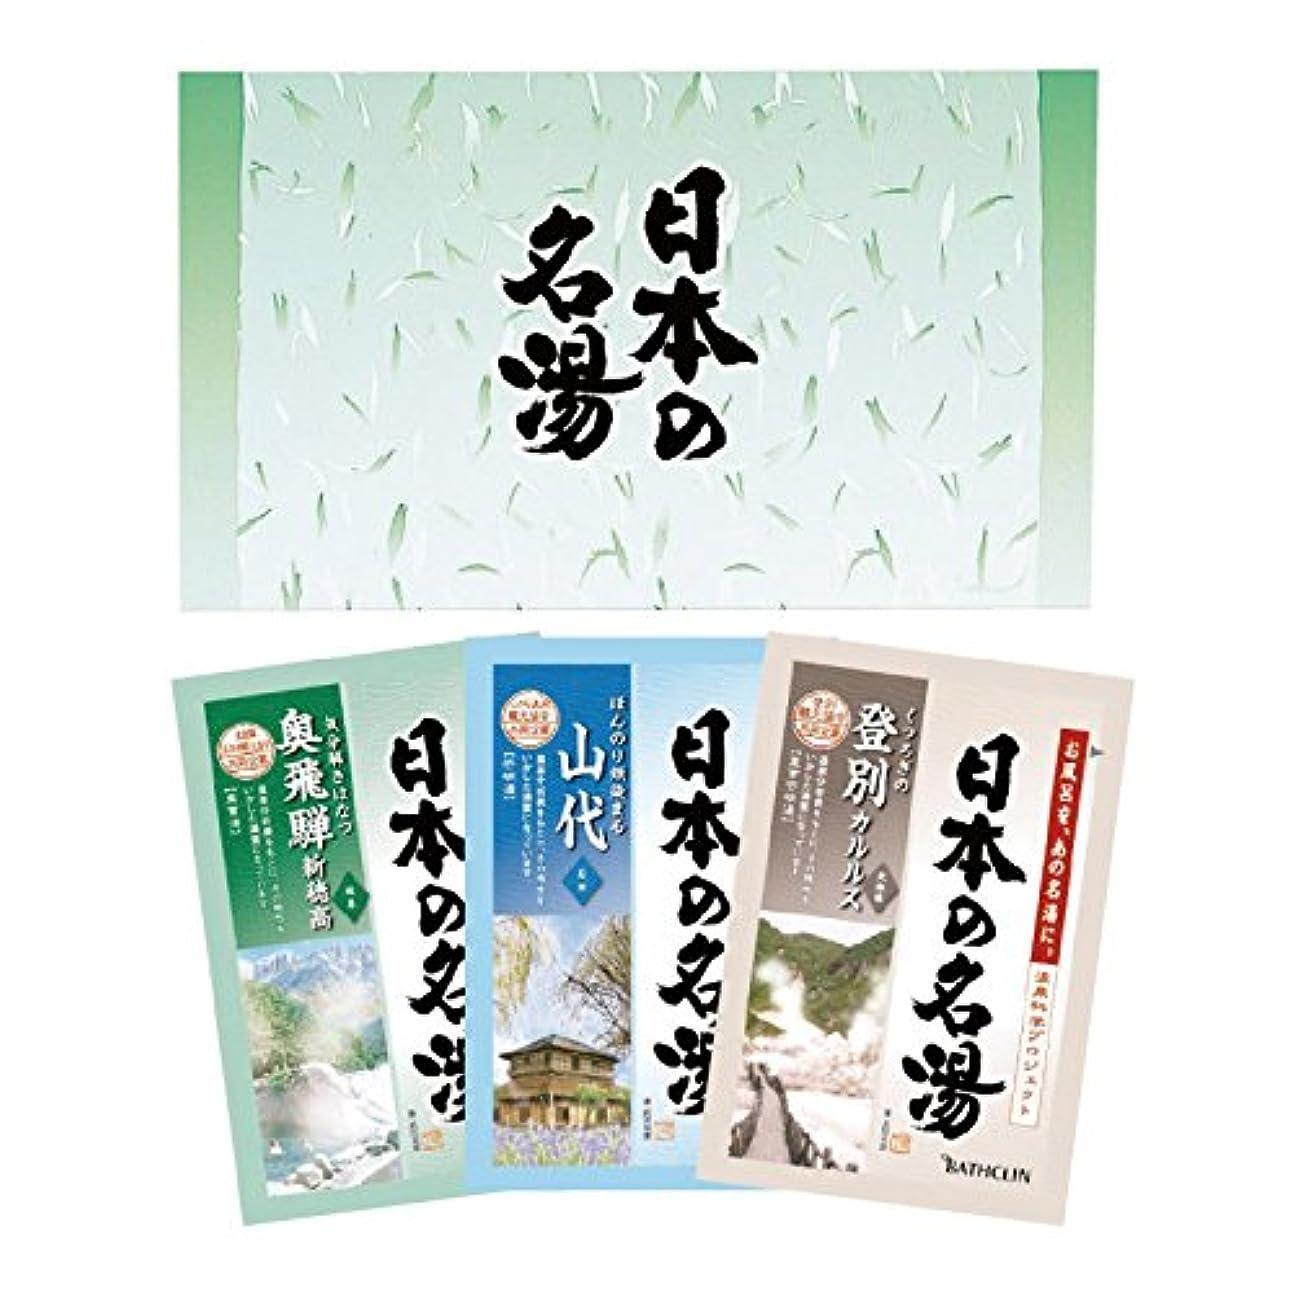 これら物語ジャーナル日本の名湯 入浴剤 3包入